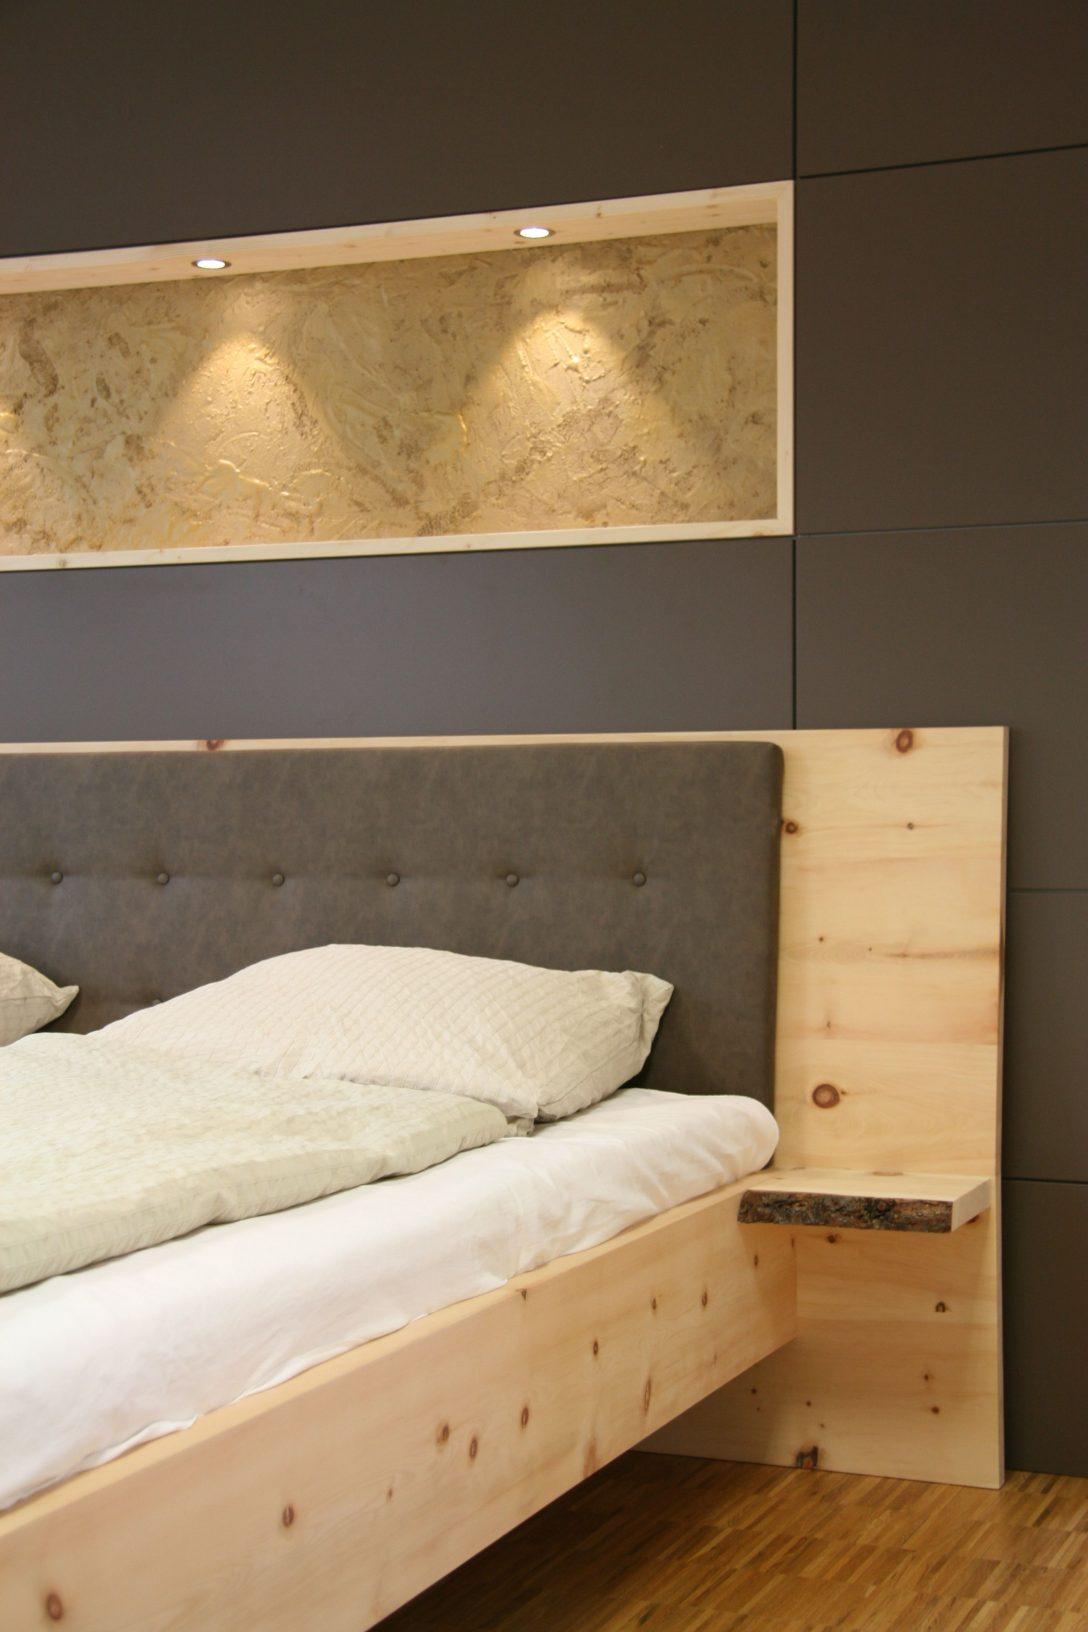 Large Size of Rückenlehne Bett Massivholzbett Aus Zirbenholz Besonderheiten Nachttischablage 180x200 Komplett Mit Lattenrost Und Matratze 200x200 Weiß Rustikales Stauraum Bett Rückenlehne Bett